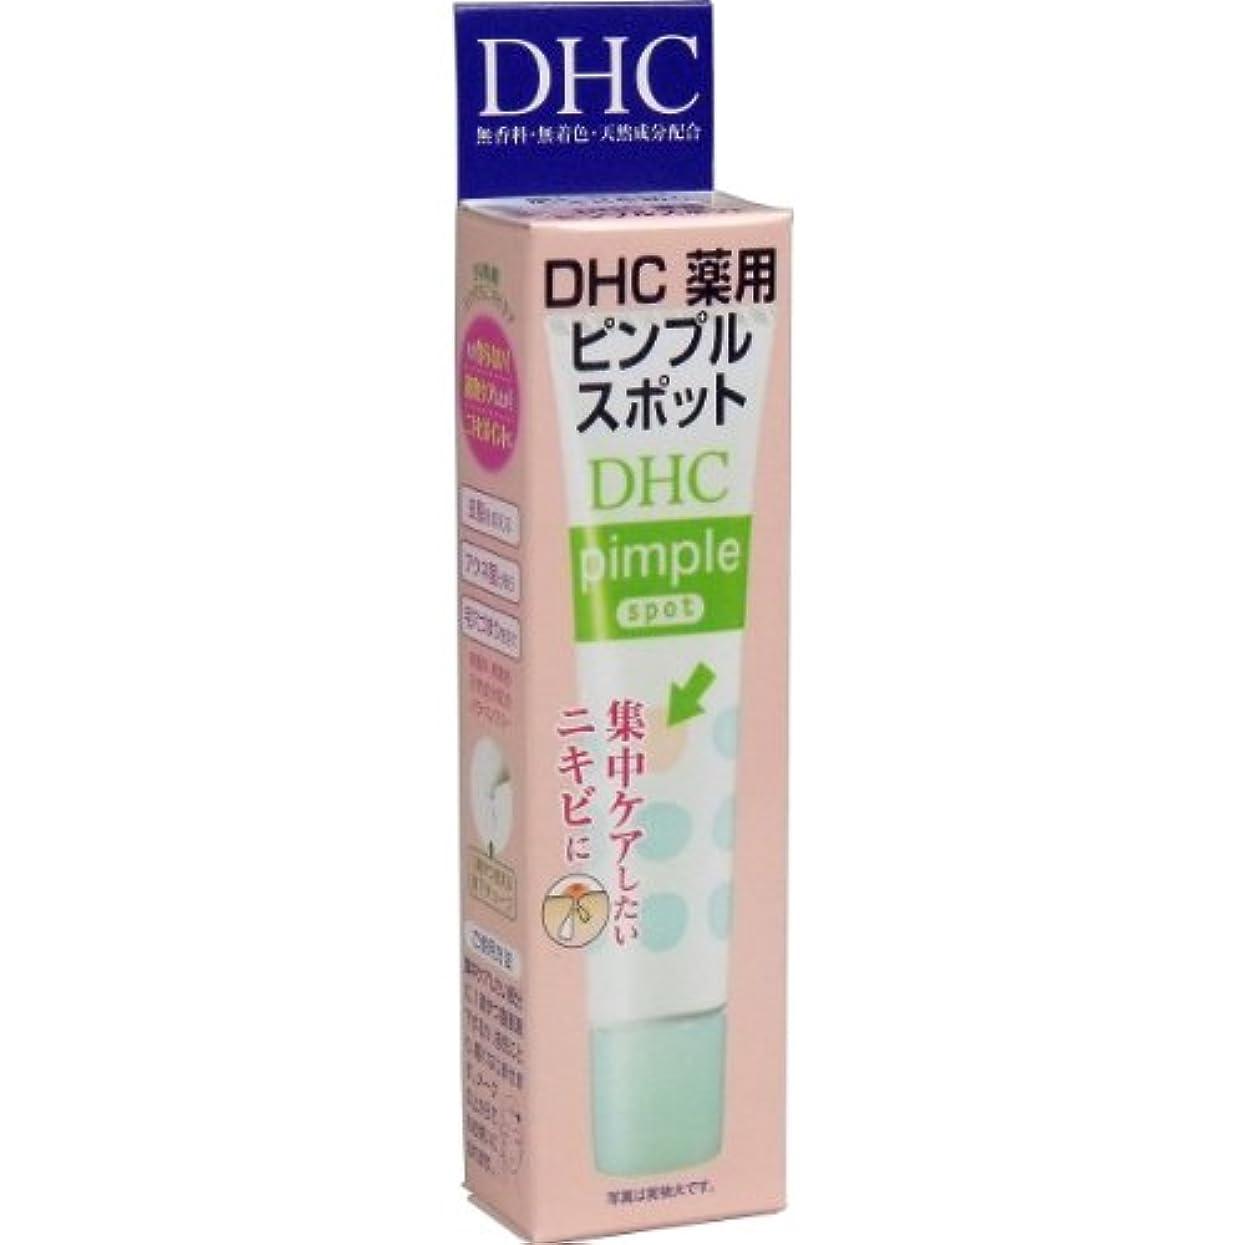 困った懐疑論見つけた【まとめ買い】DHC薬用ピンプルスポット 15ml ×2セット